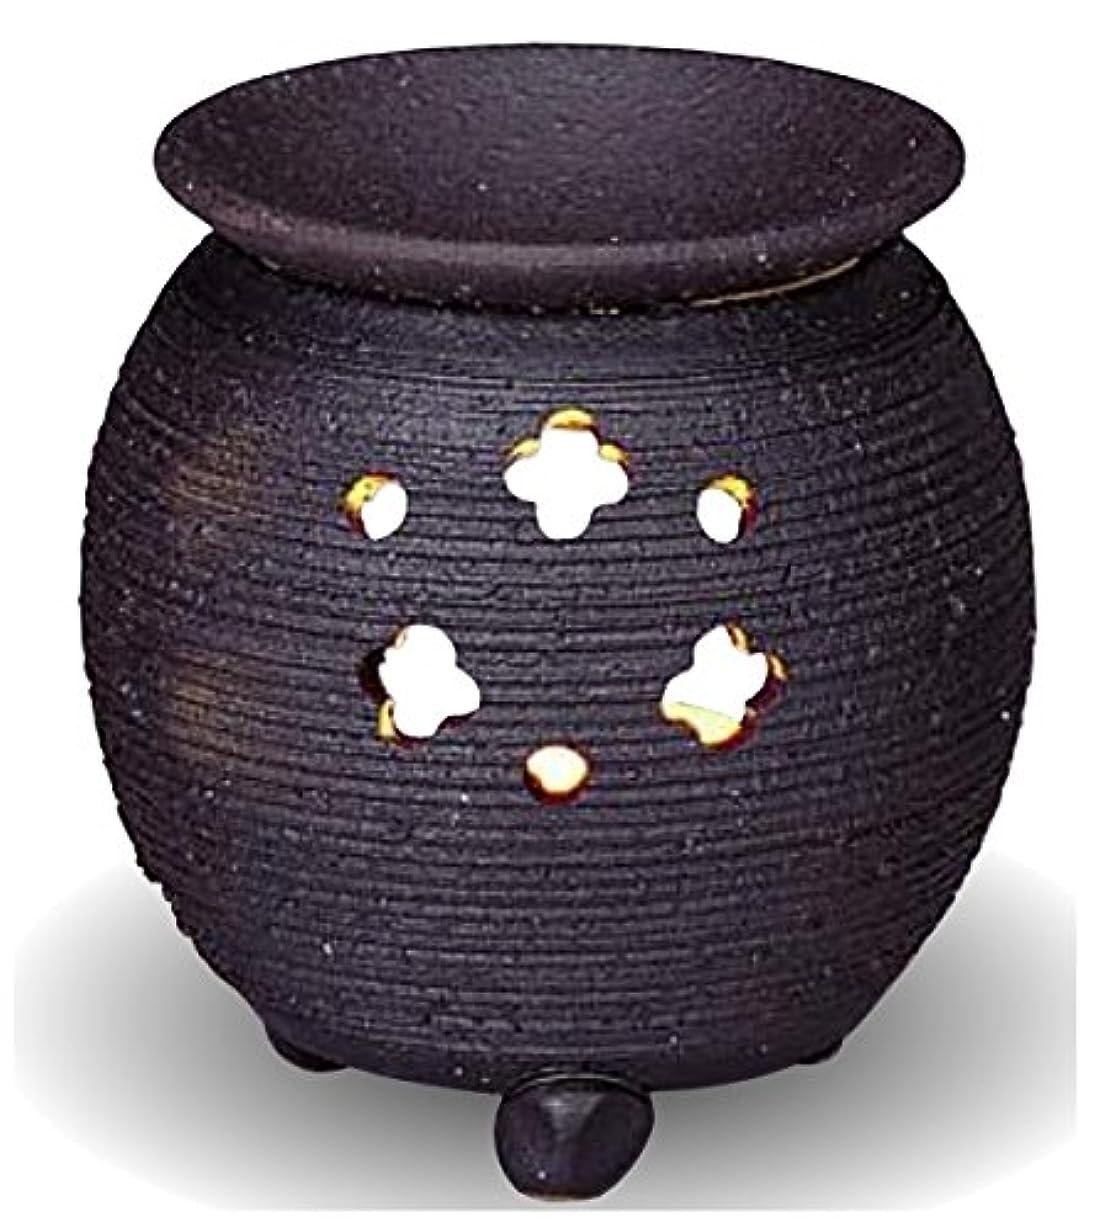 放出とげ否認する常滑焼 茶香炉(アロマポット)径10×高さ10.5cm